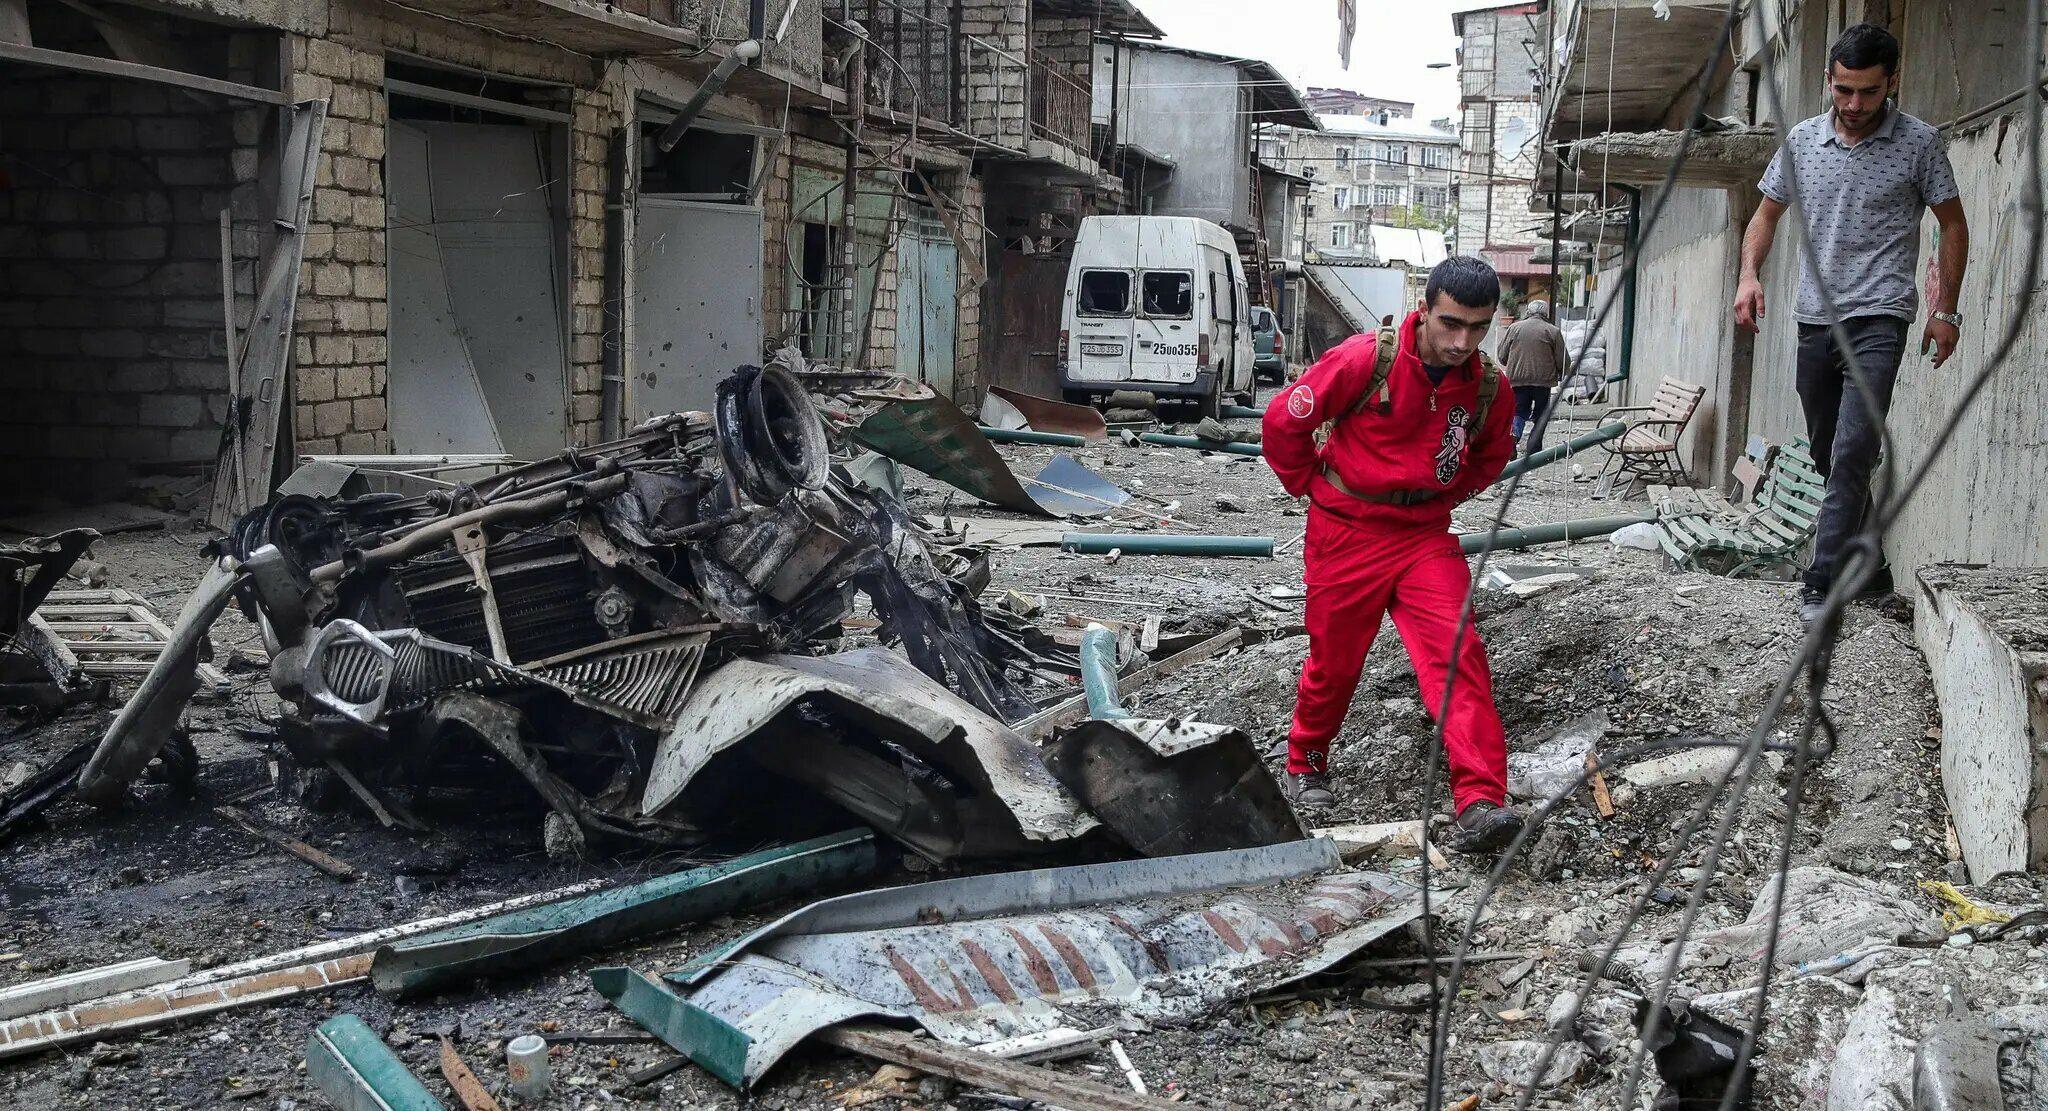 « L'objectif est d'éradiquer la présence arménienne en Artsakh »